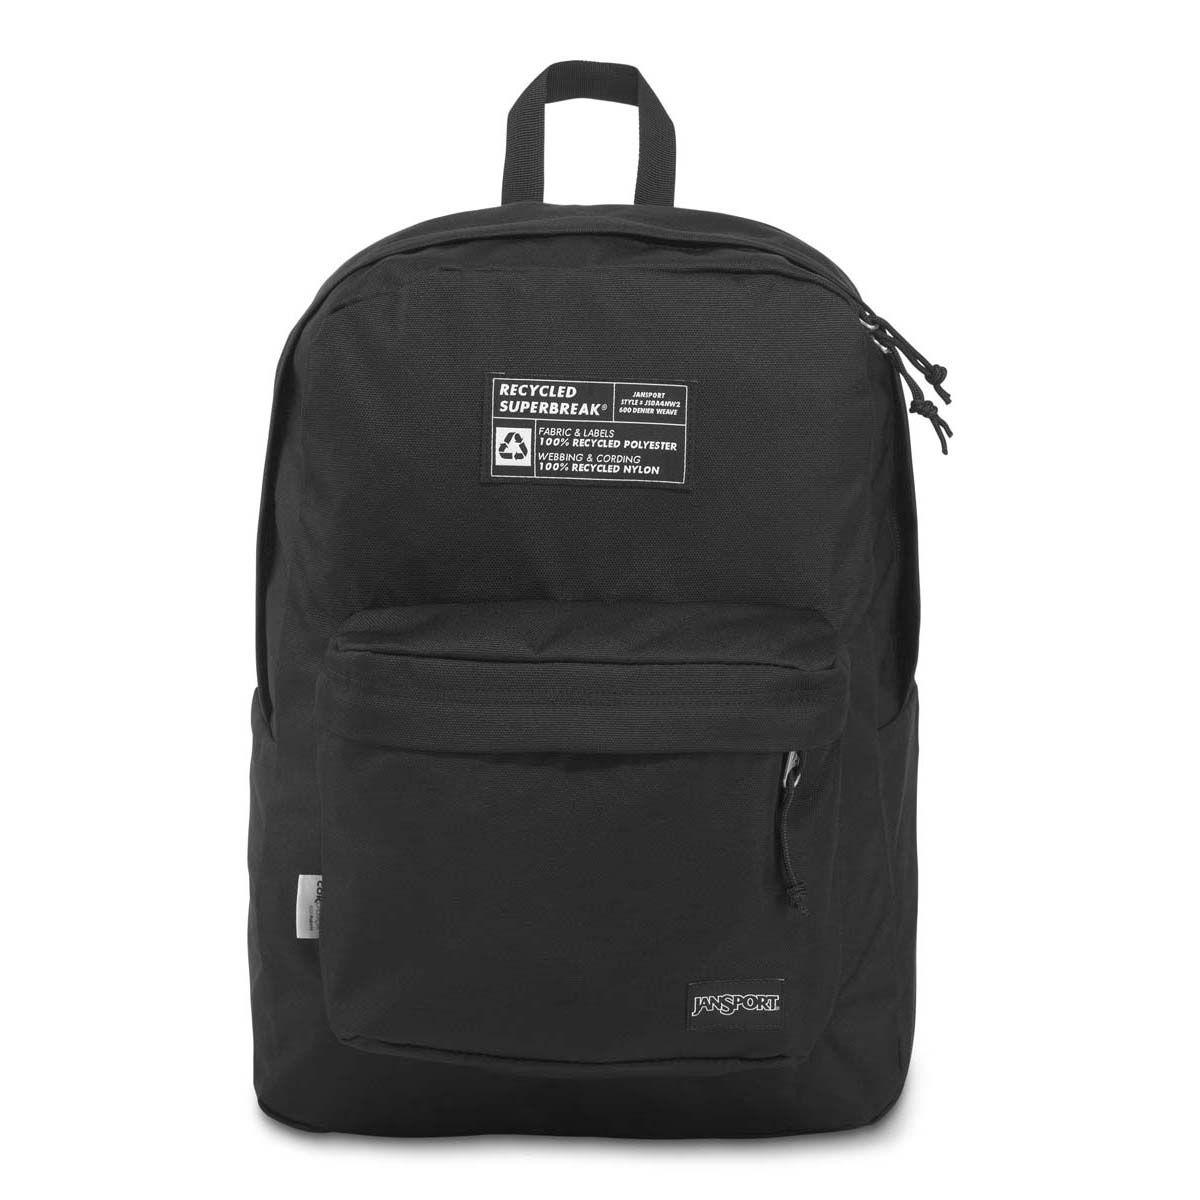 JanSport Recycled SuperBreak® Backpack in Black